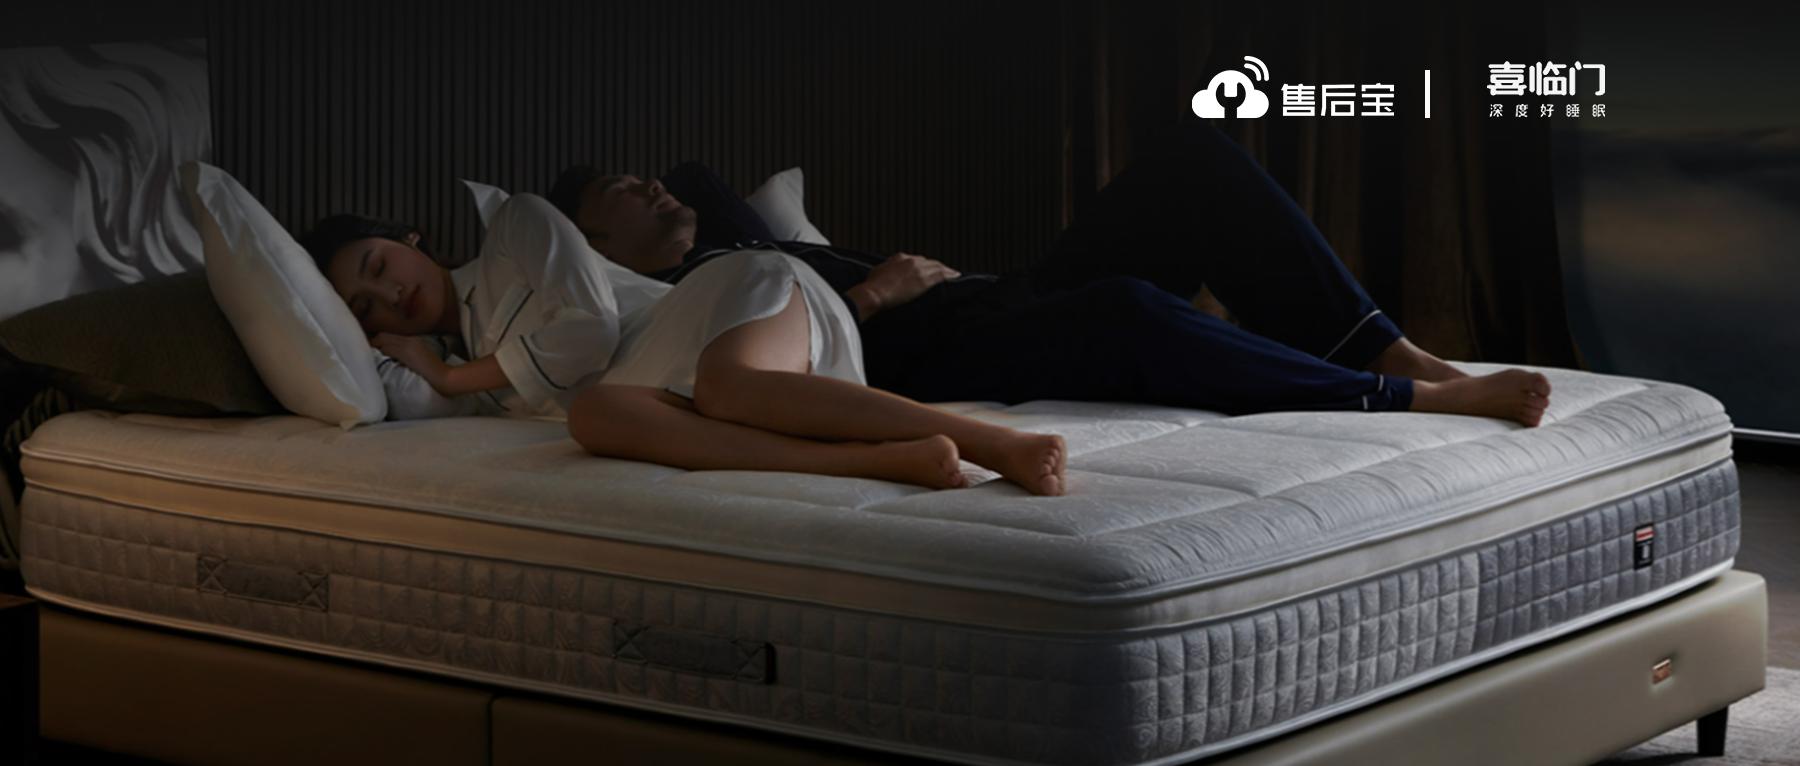 """""""亚洲飞人""""苏炳添10点准时睡觉有多难?为了哄你睡觉,这家企业以数字化转型撬动4000亿""""睡眠经济"""""""